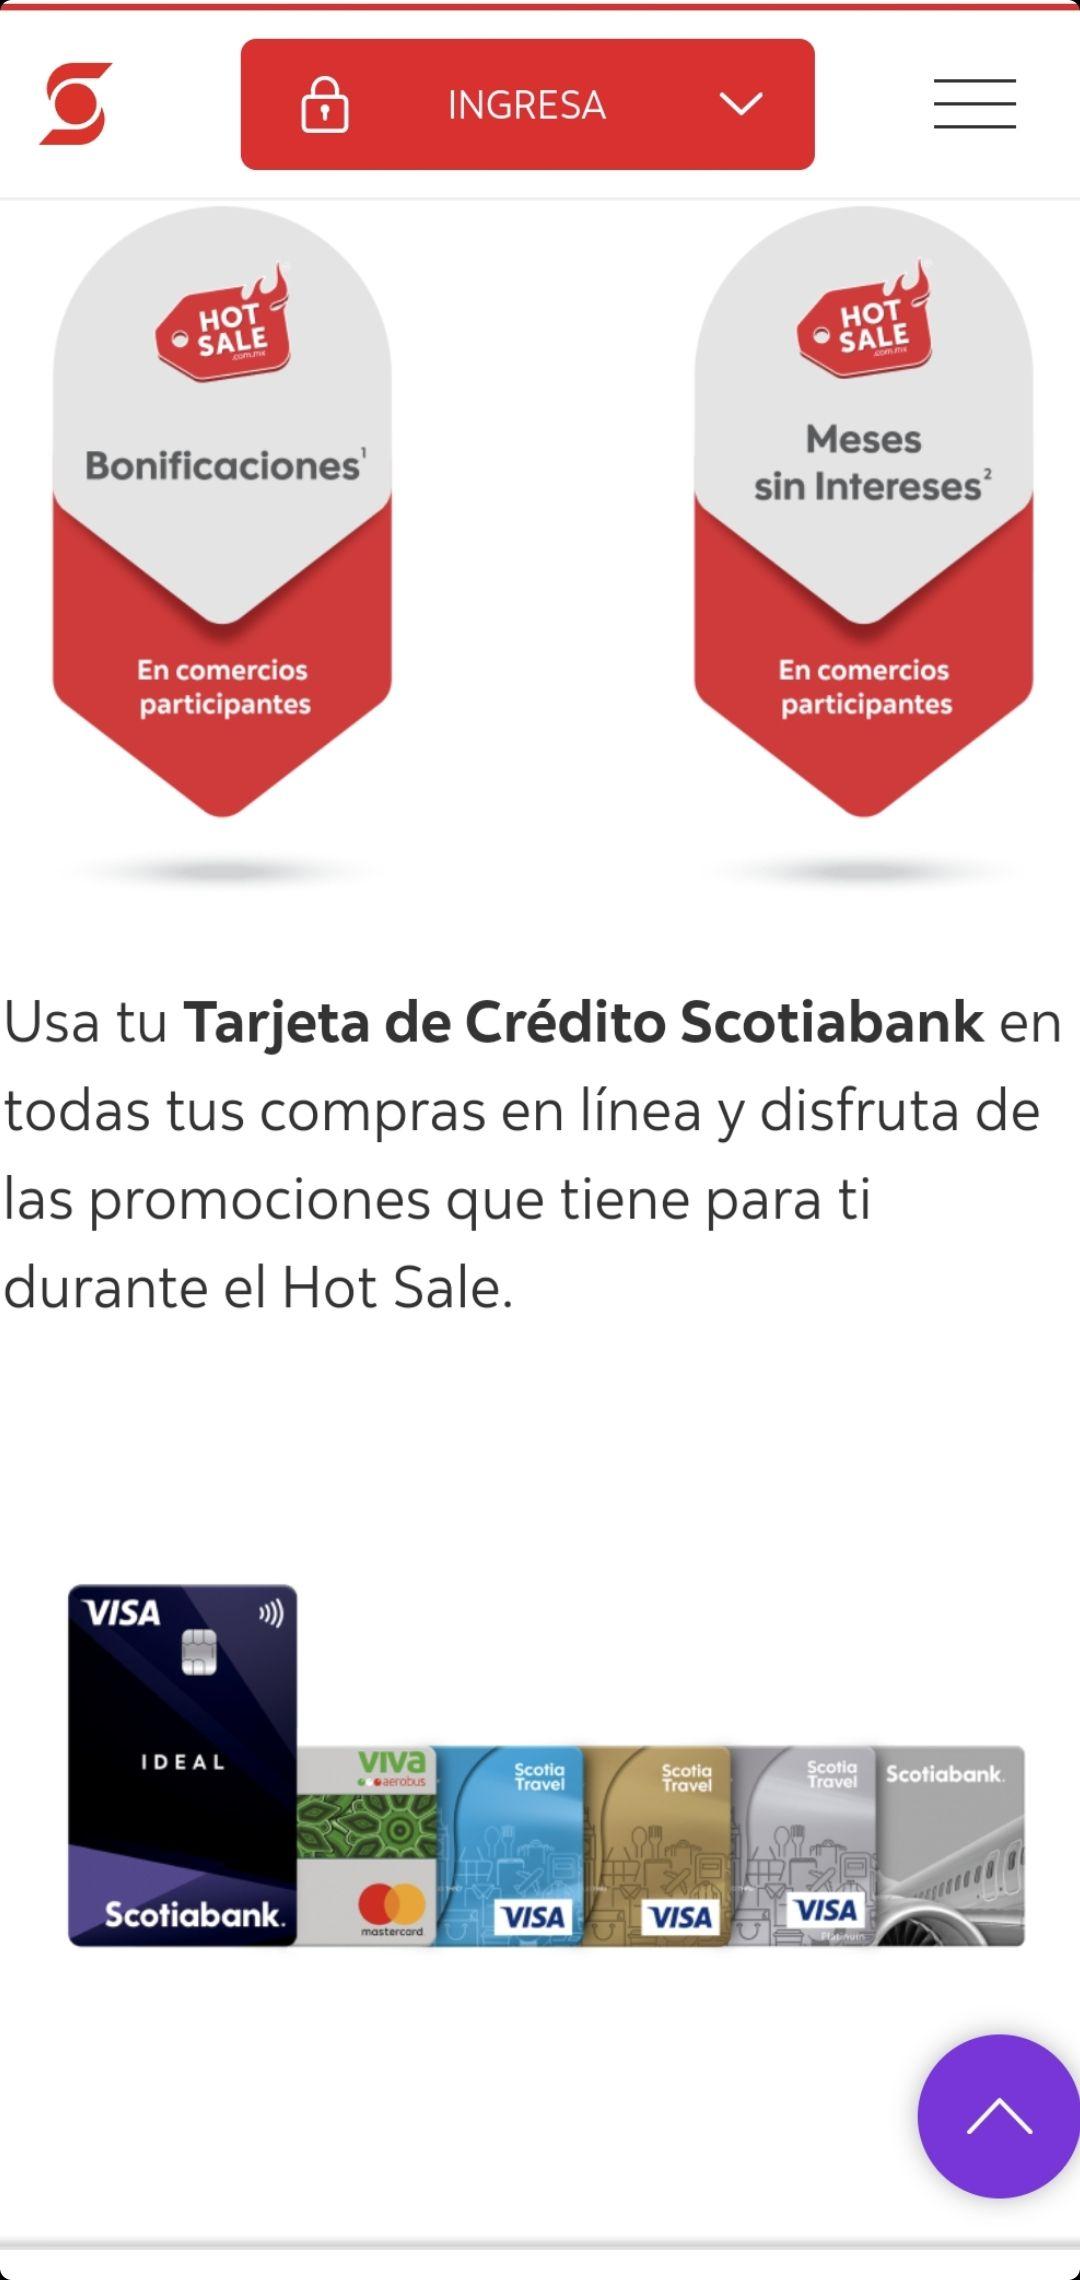 Hot Sale: 15% de Bonificacion con TDC SCOTIABANK del 24 al 31 de mayo, compras mayores a: $2,500, sólo 2,650 bonificaciones